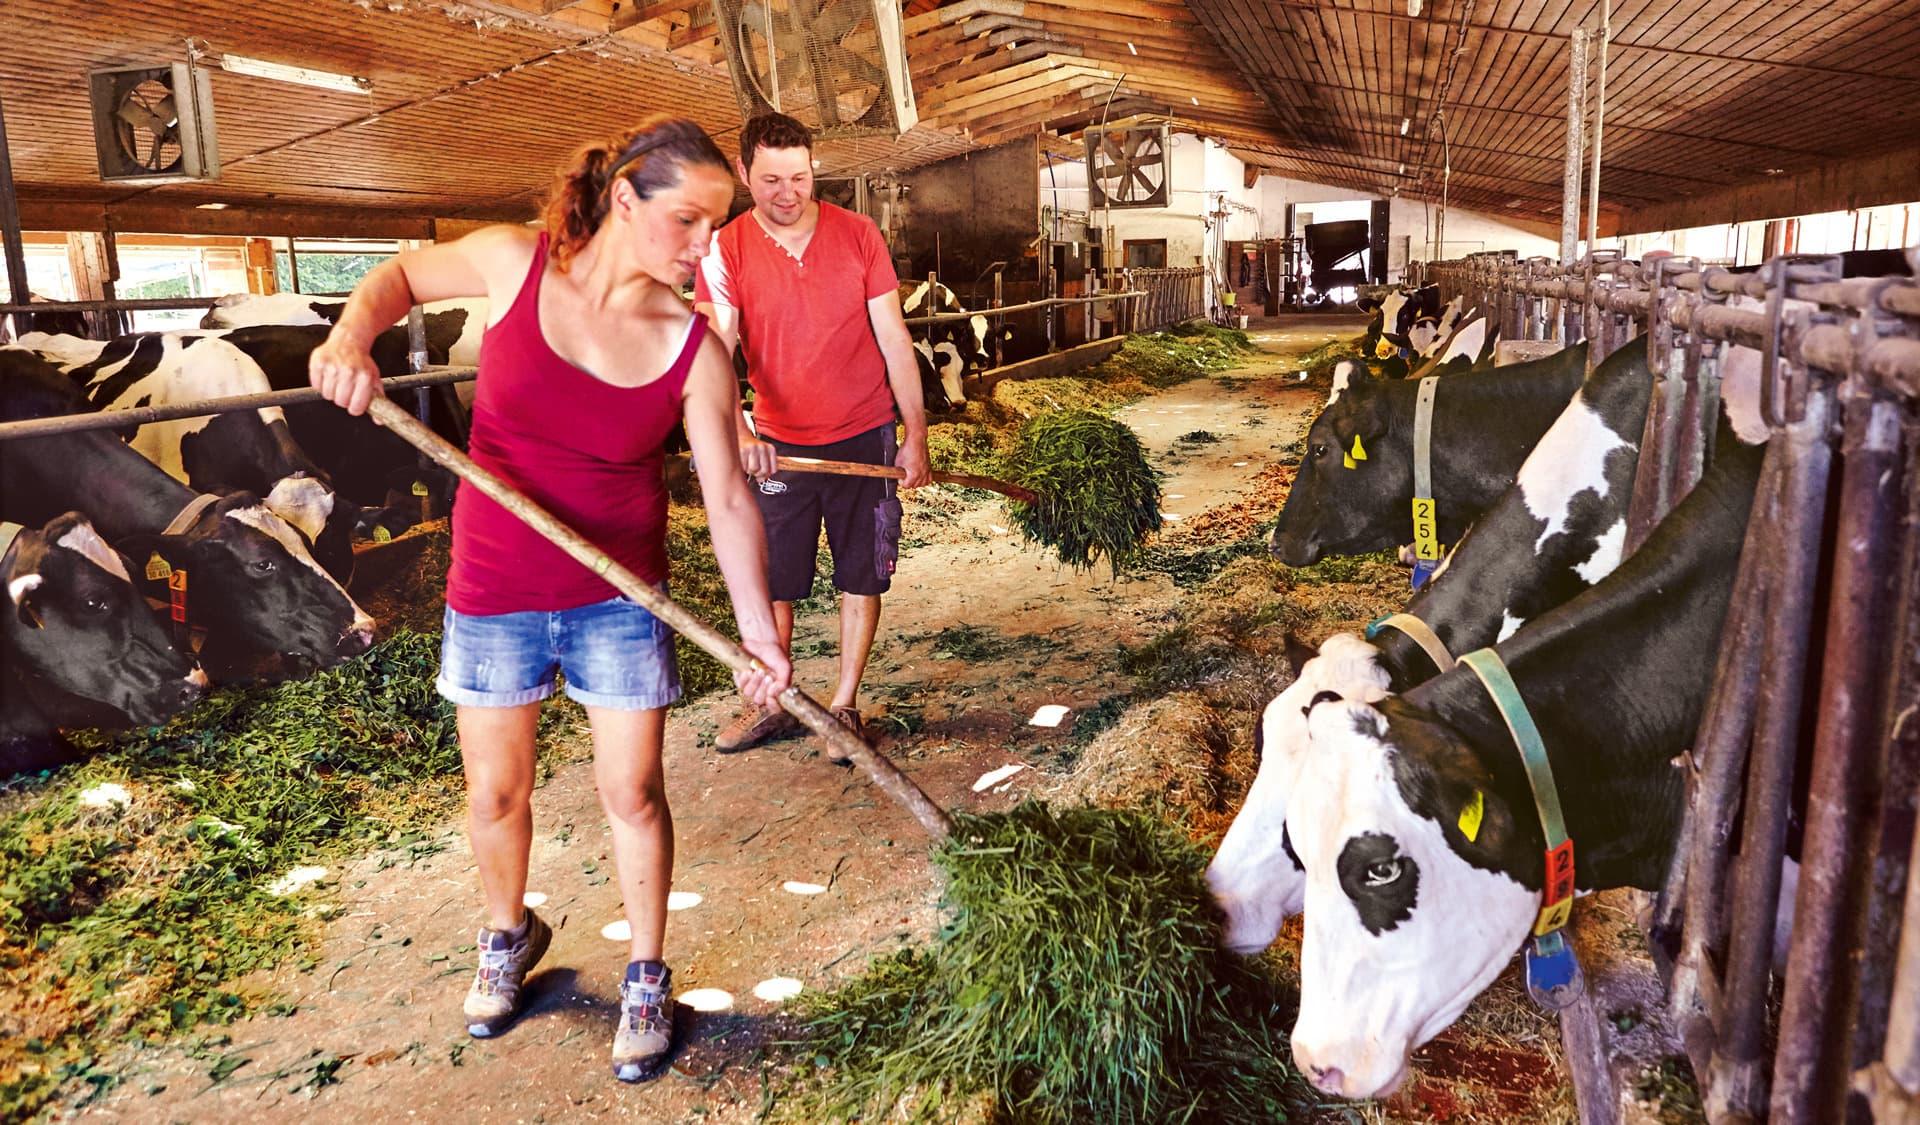 Frau und ein Mann in roten T-Shirts füttern Kühe im Stall